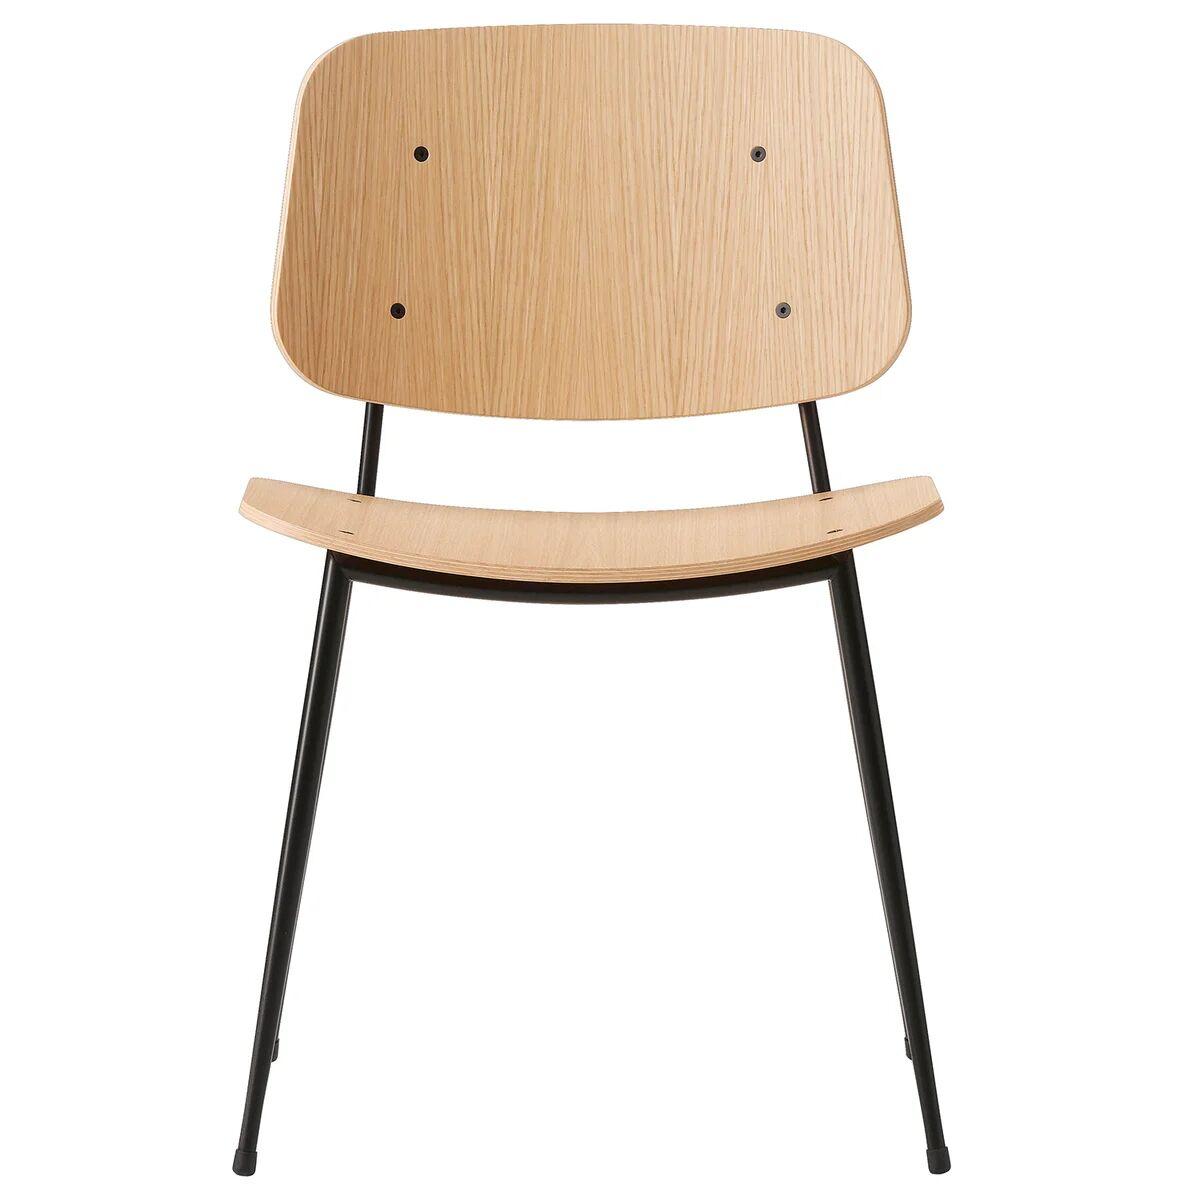 Fredericia S�borg tuoli 3060, musta ter�srunko, lakattu tammi